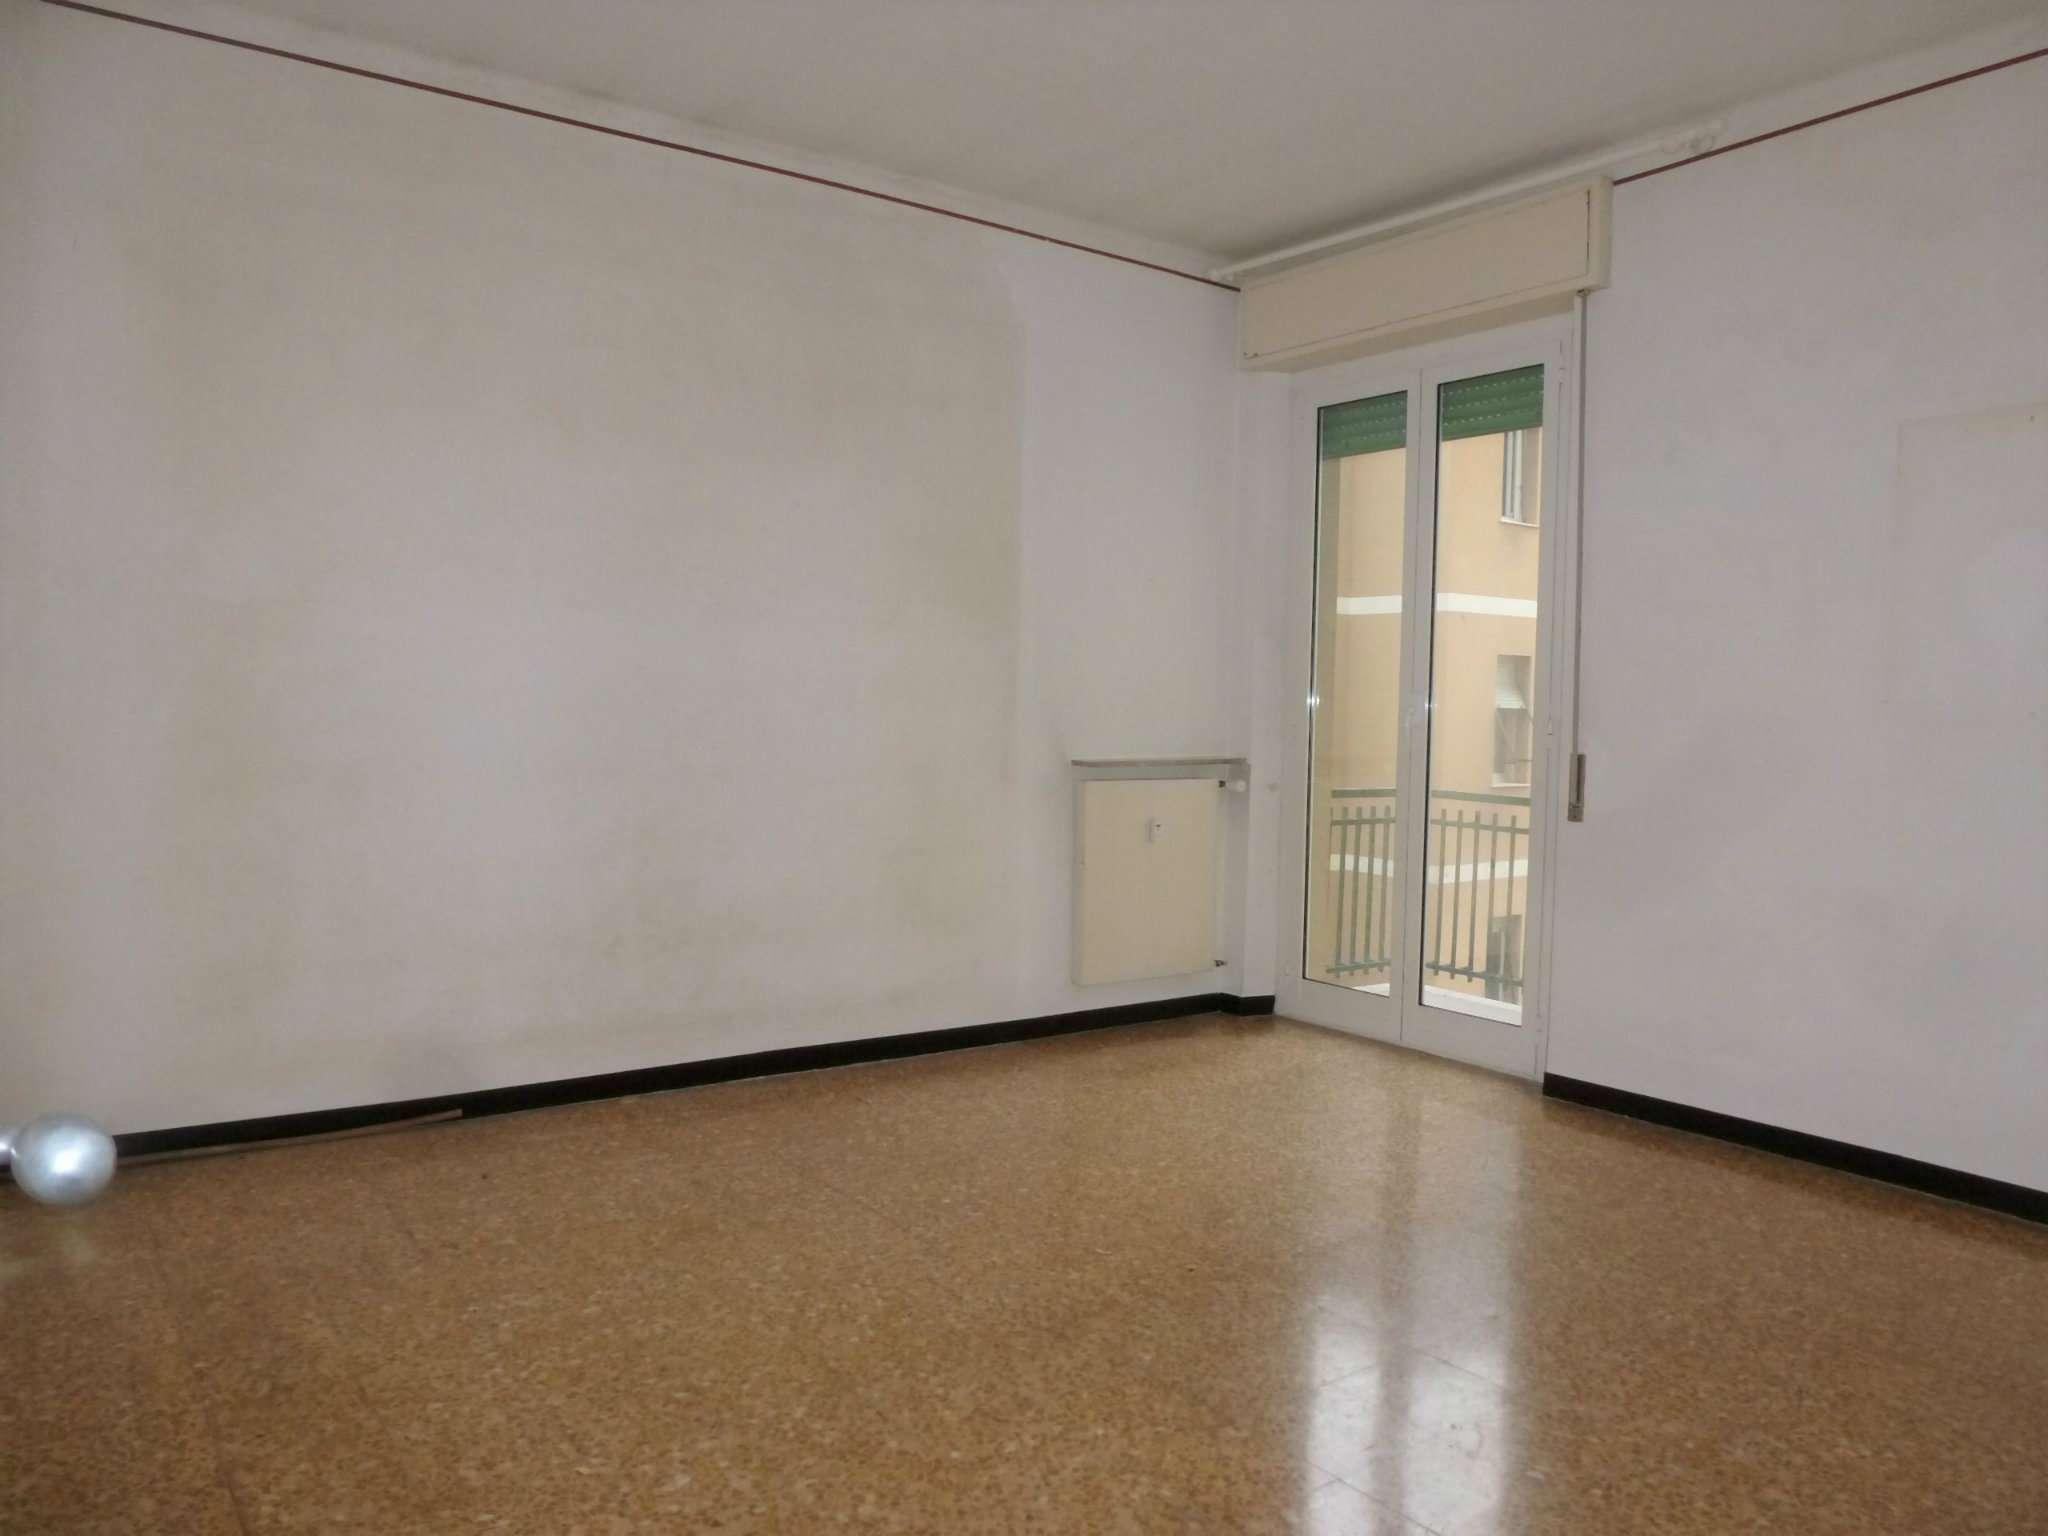 Appartamento in vendita a Campomorone, 5 locali, prezzo € 112.000   CambioCasa.it